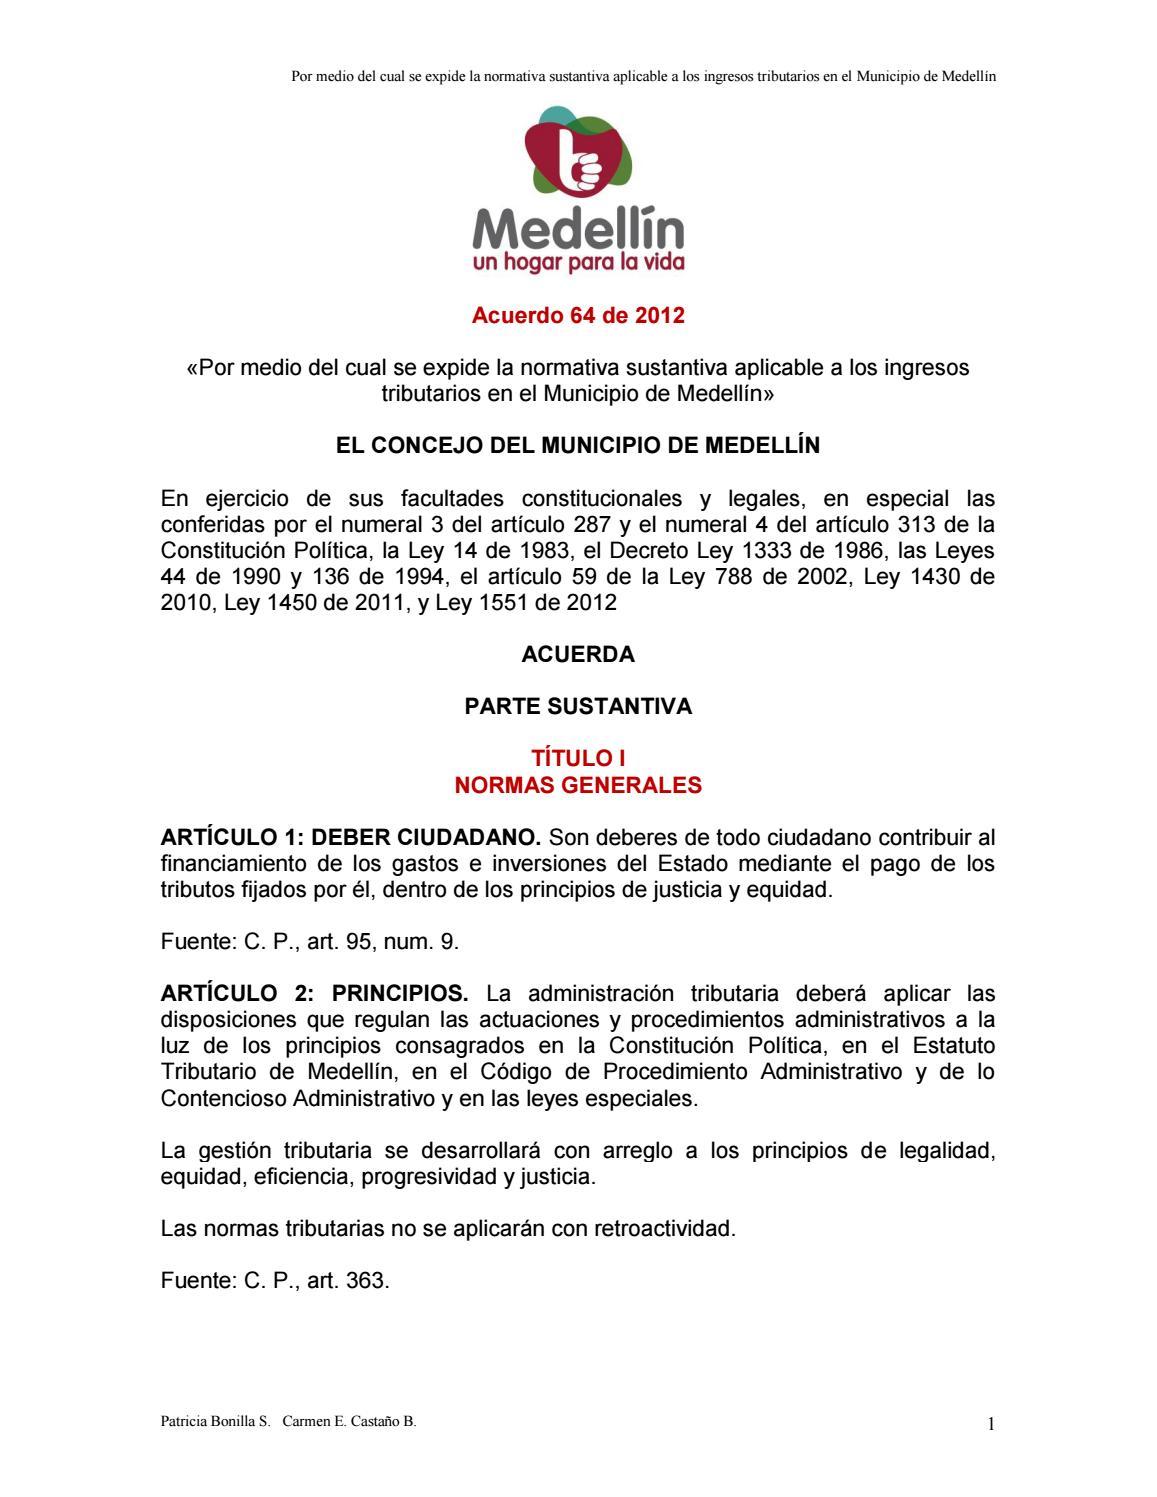 b69fe7663ad6 Acuerdo 64 de 2012 estatuto tributario aprobado por el concejo de medellín  by LUZ HELENA NARANJO OCAMPO - issuu